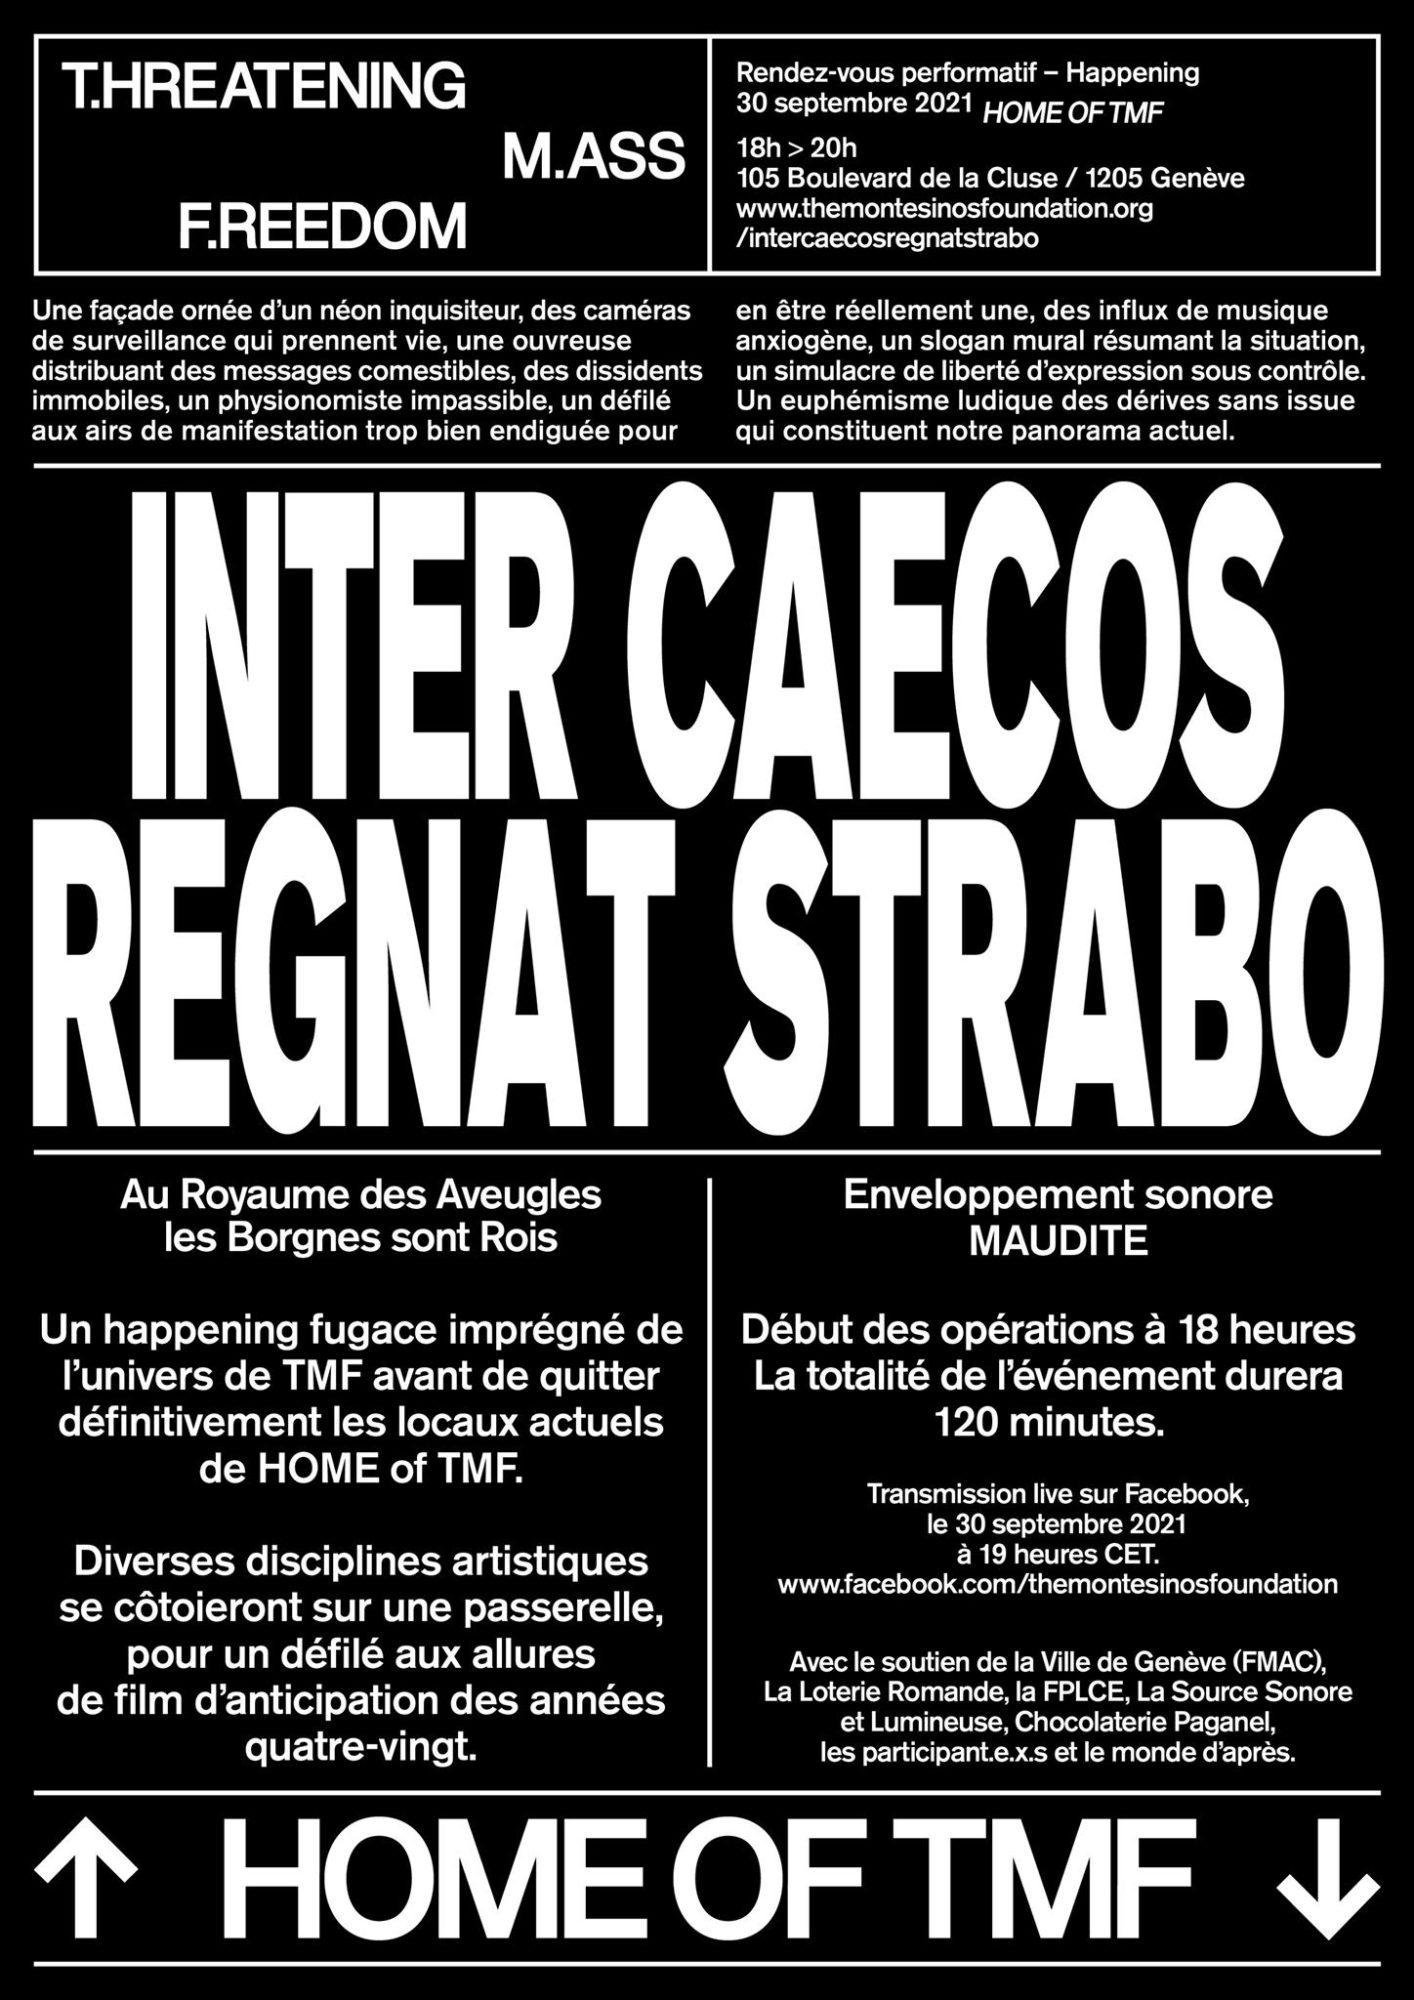 INTER_CAECOS_REGNAT_STRABO